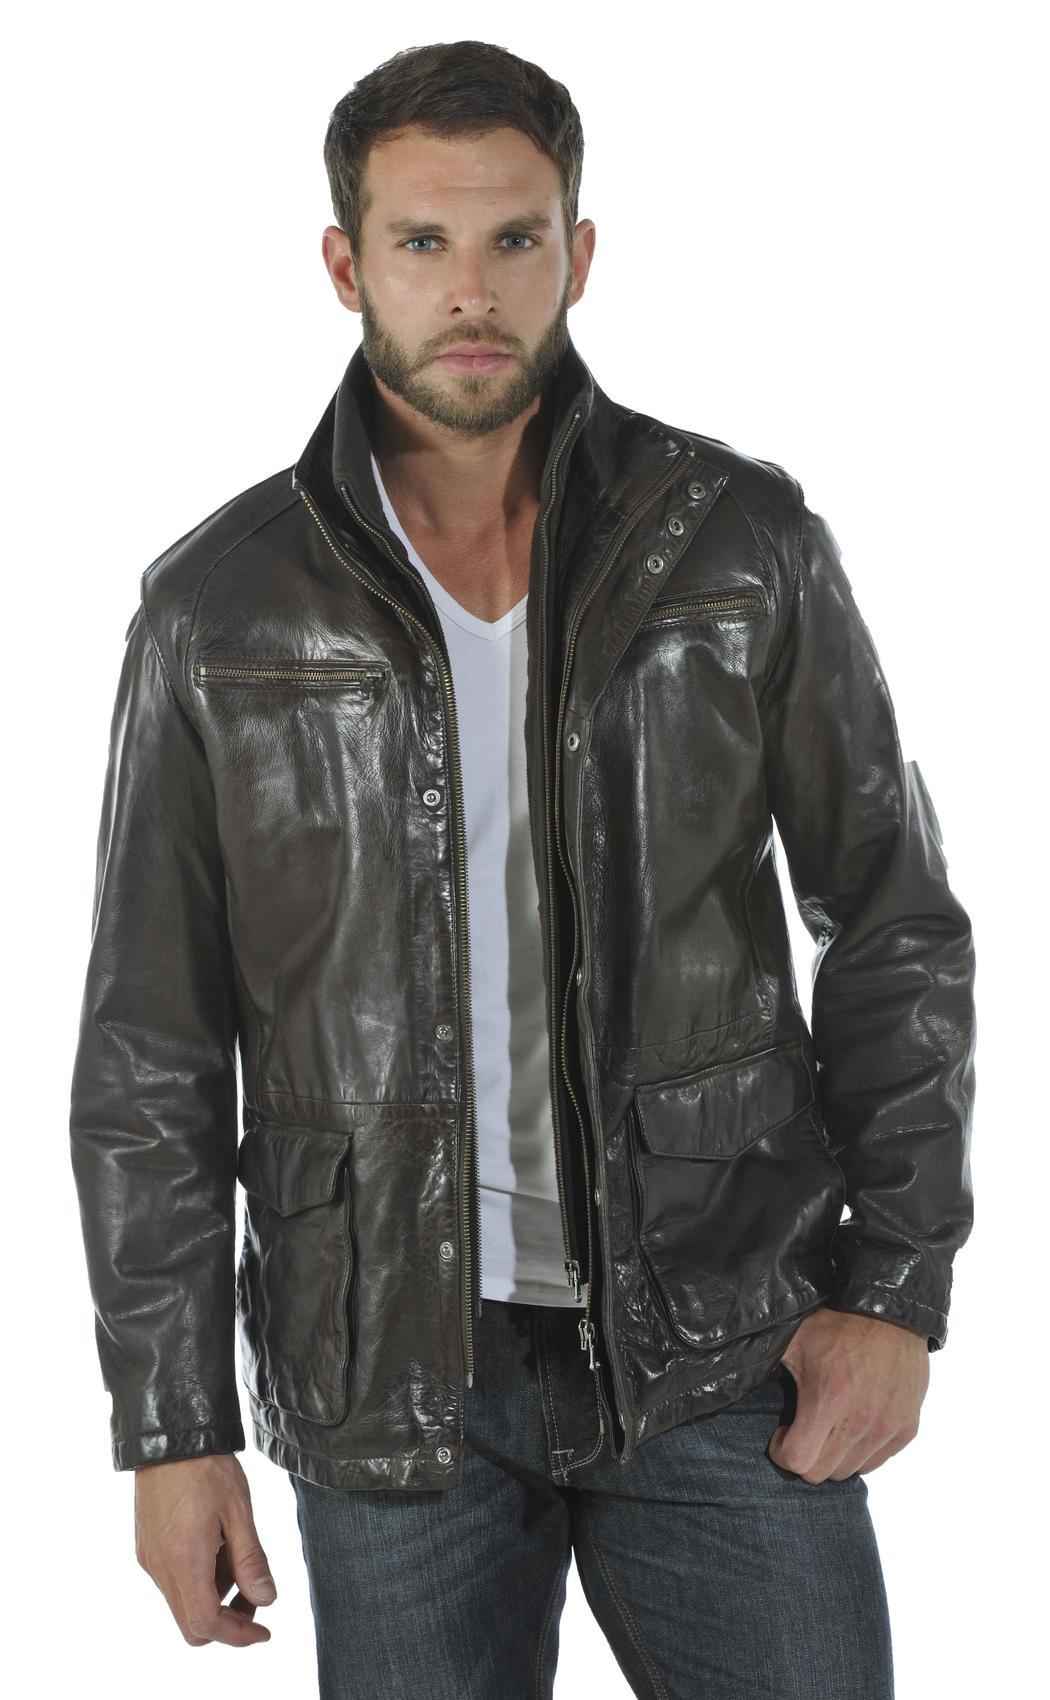 Vetement cuir homme manteau cuir homme veste cuir schott redskins - Laver une veste en cuir ...